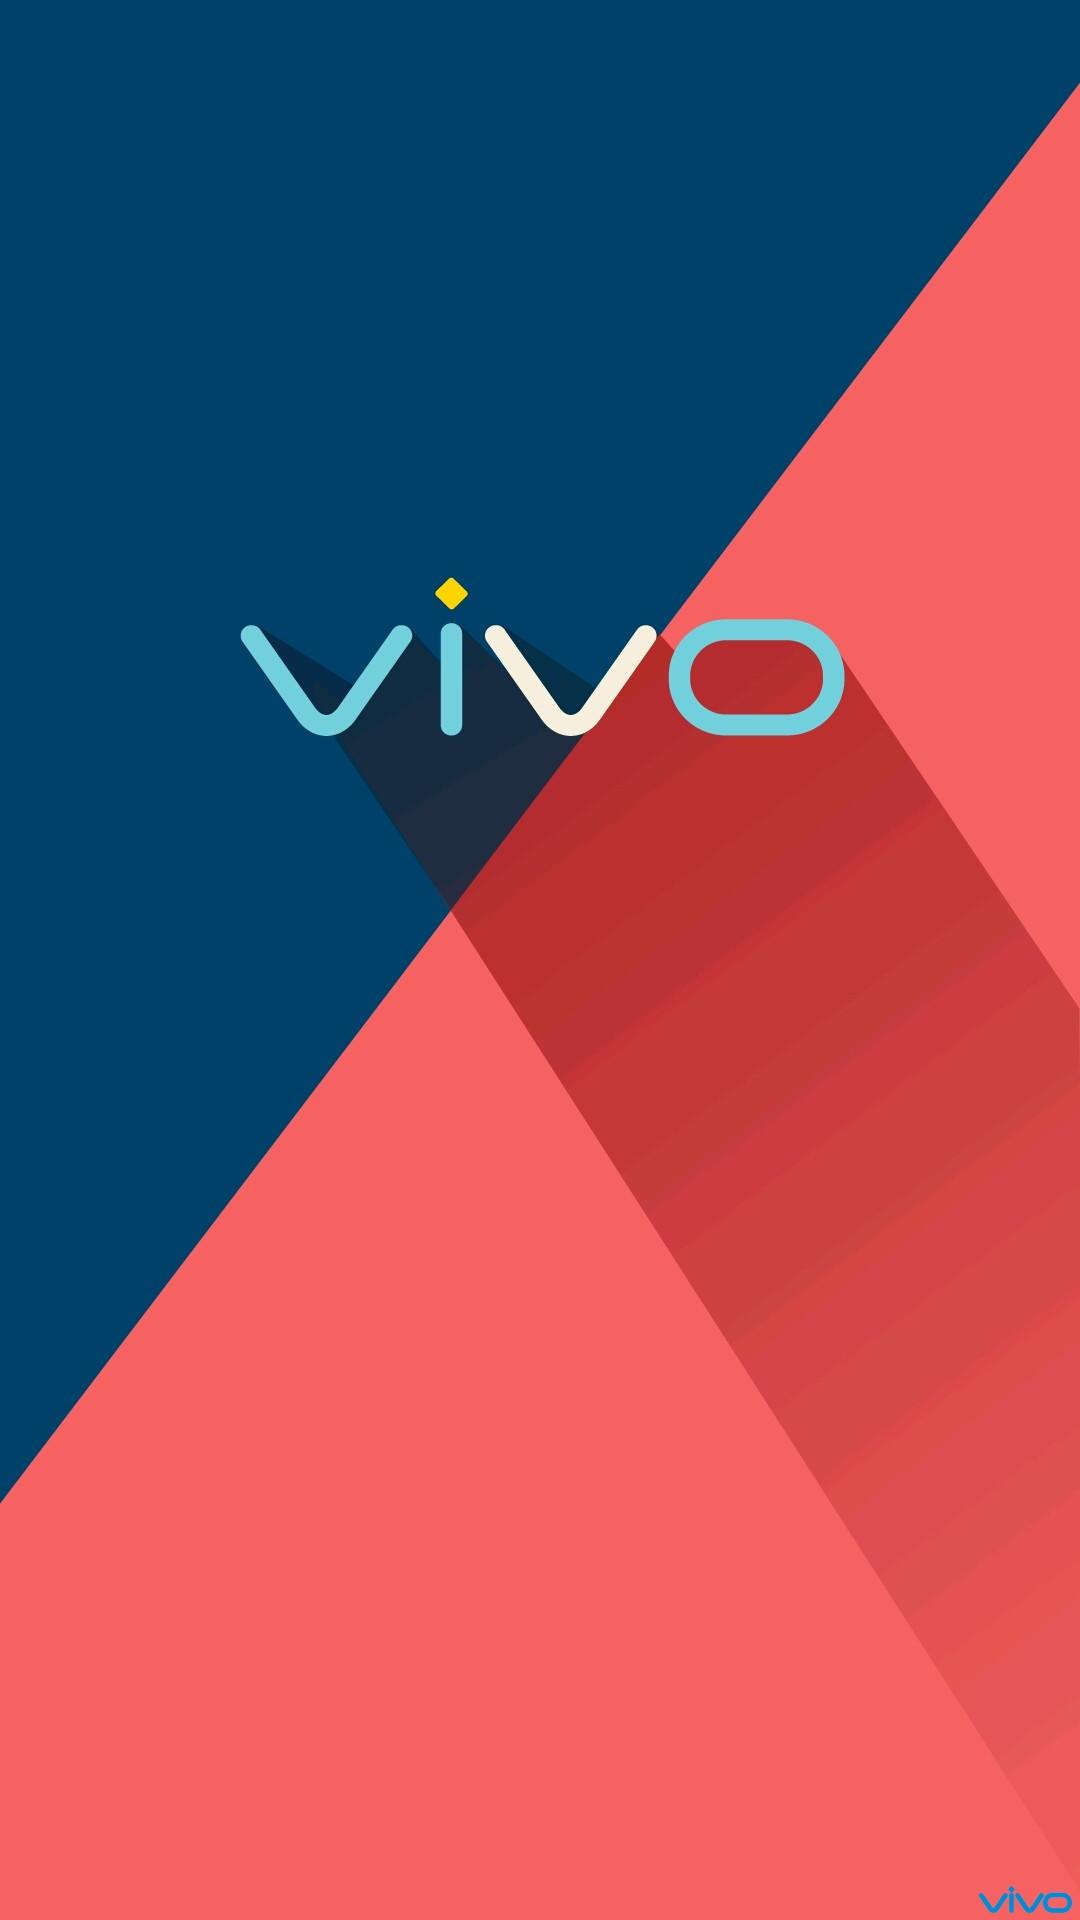 求一张vivo官方壁纸-手机主题-vivo智能手机v粉社区